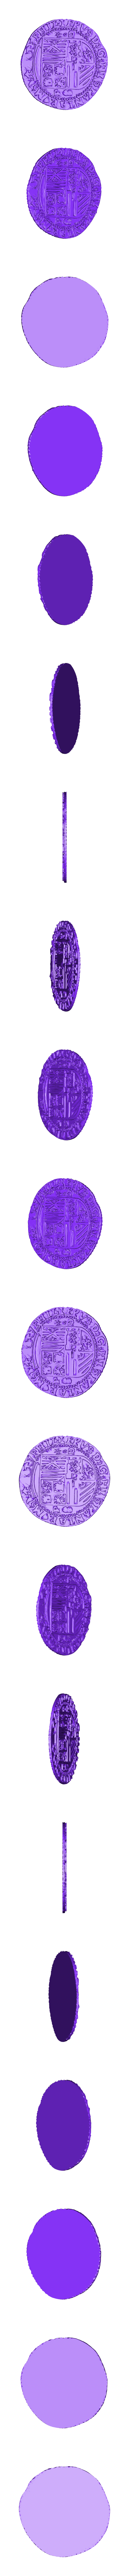 el_dorado_coin_tail_v3.stl Télécharger fichier OBJ gratuit Pièce d'El Dorado[Sans carte] • Objet pour imprimante 3D, Dream_it_Model_it